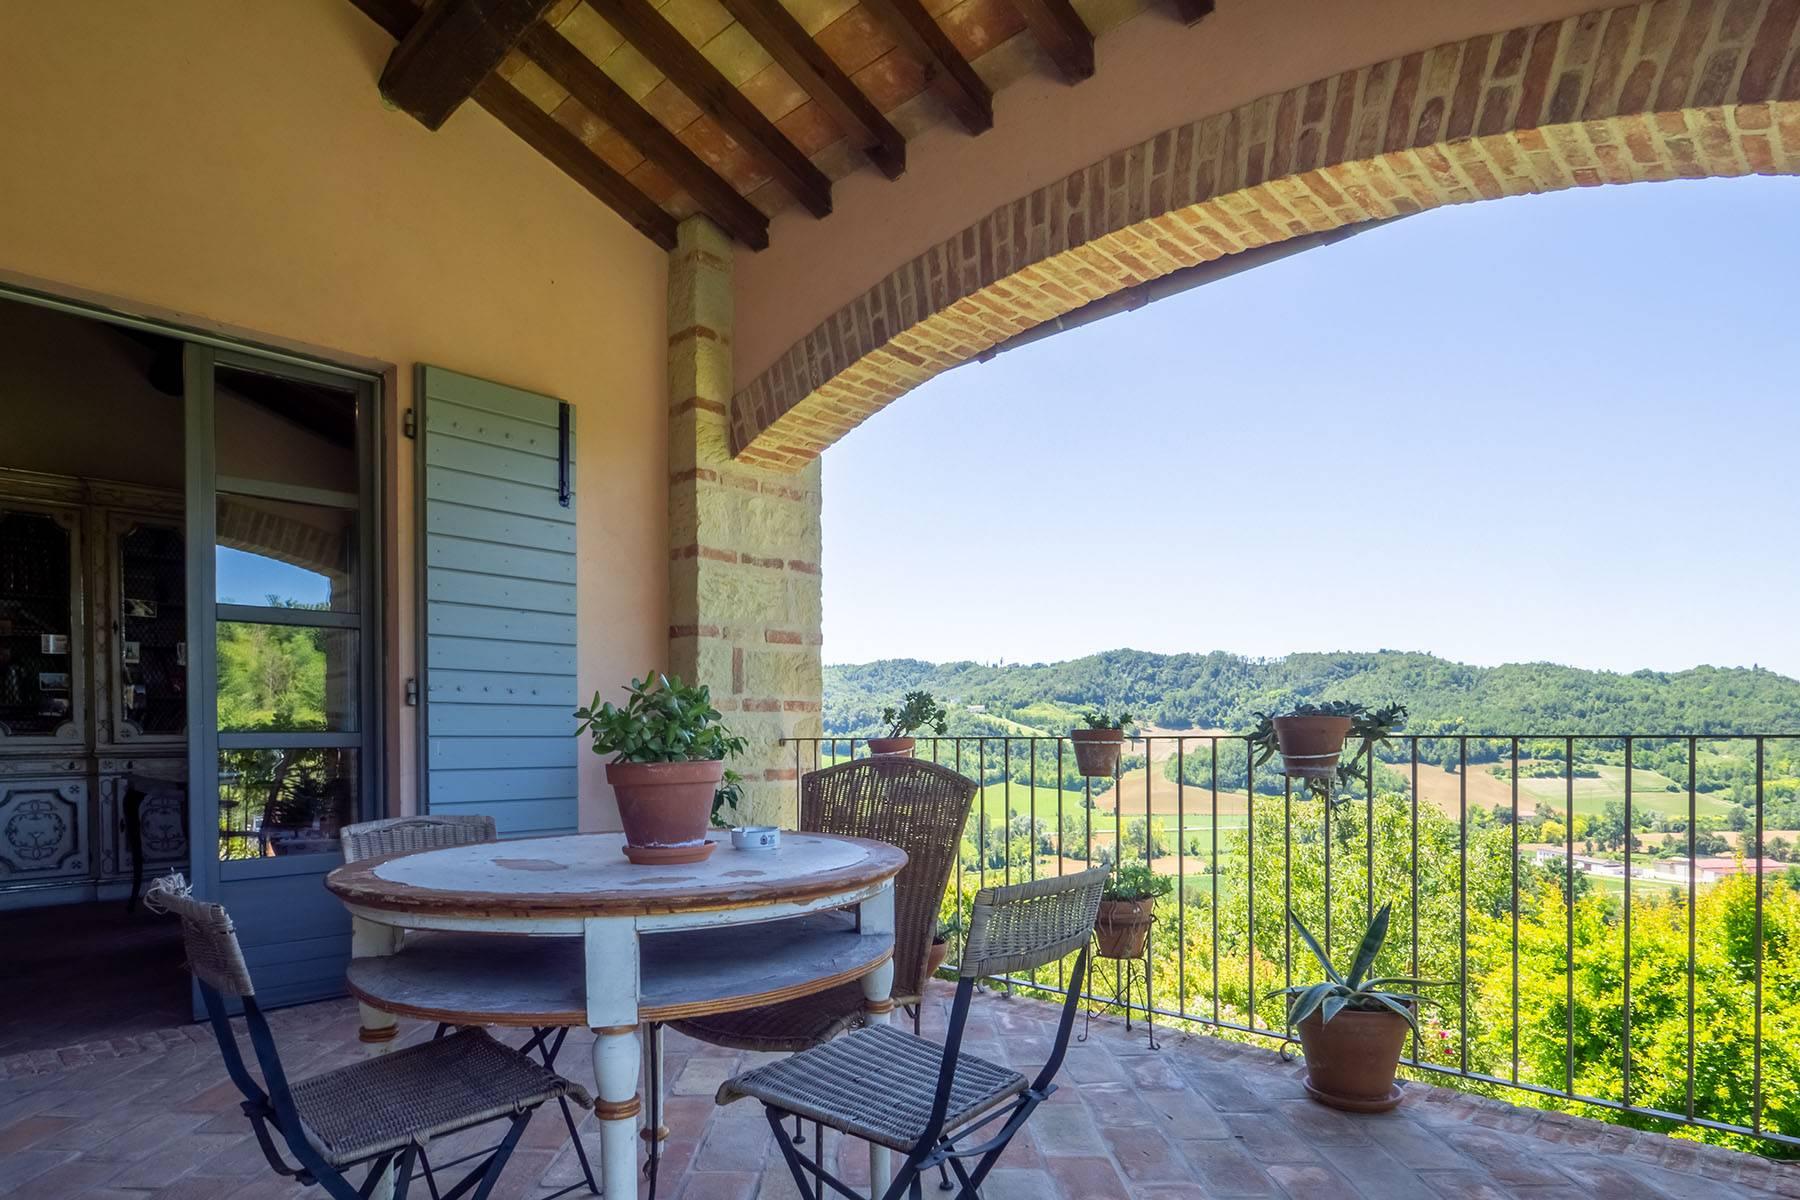 Rustico in Vendita a Ponzano Monferrato: 5 locali, 560 mq - Foto 12